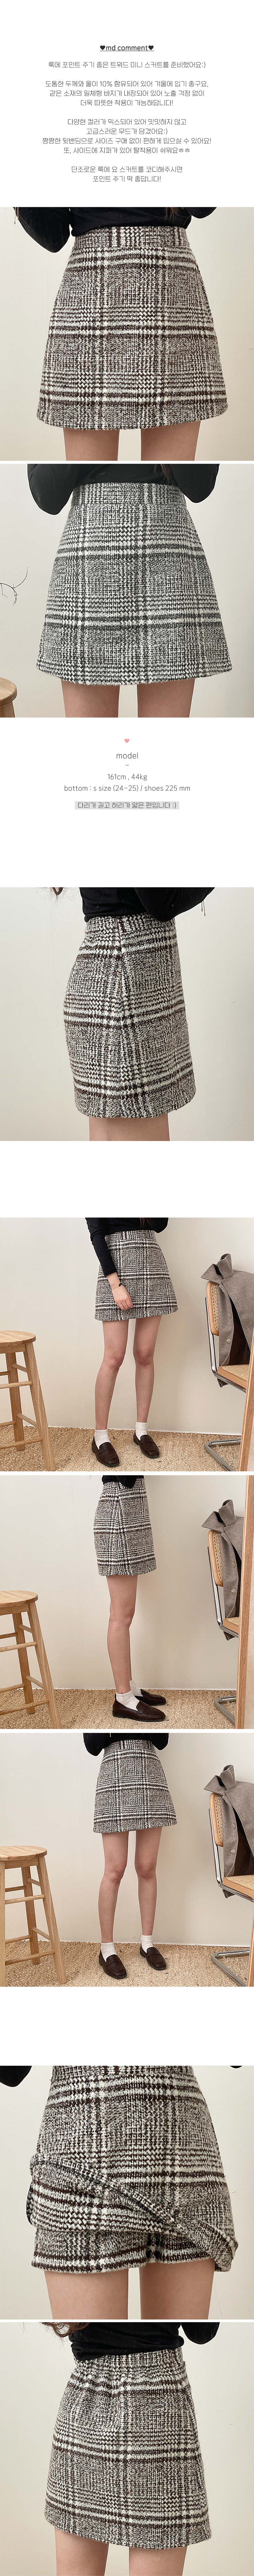 Greek tweed skirt